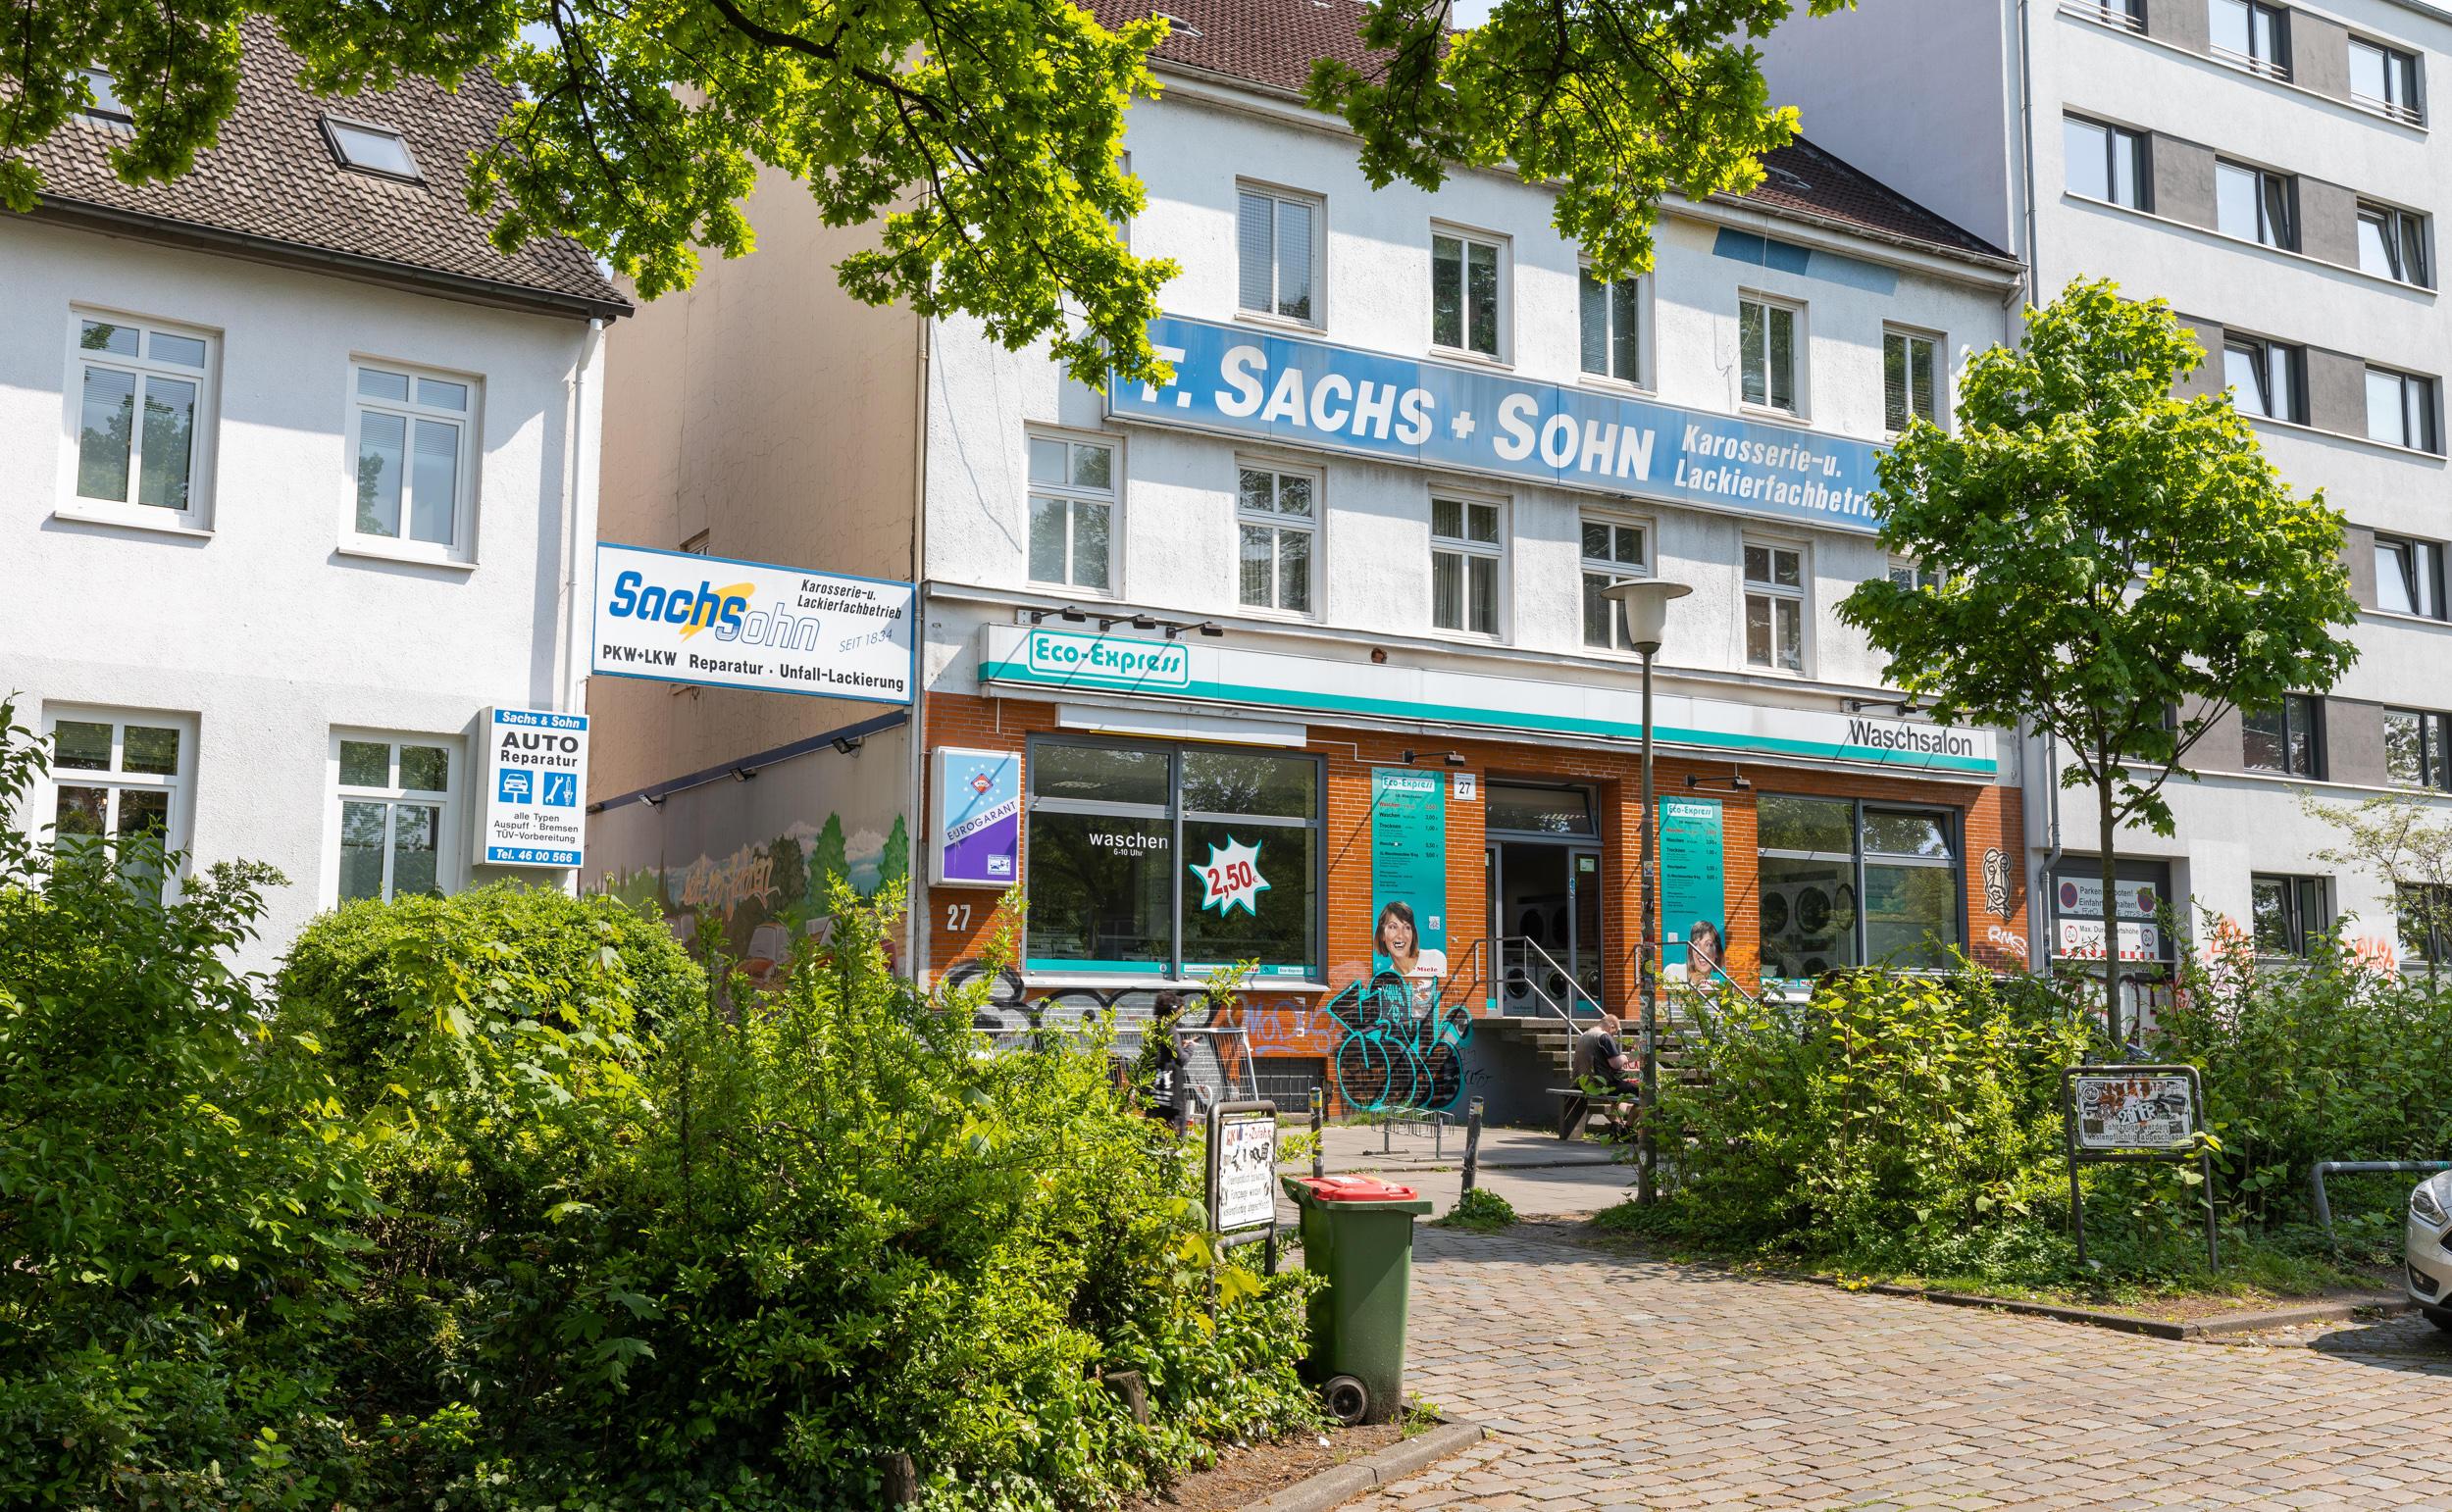 F. Sachs & Sohn GmbH | Karosseriefachbetrieb + Lackierfachbetrieb